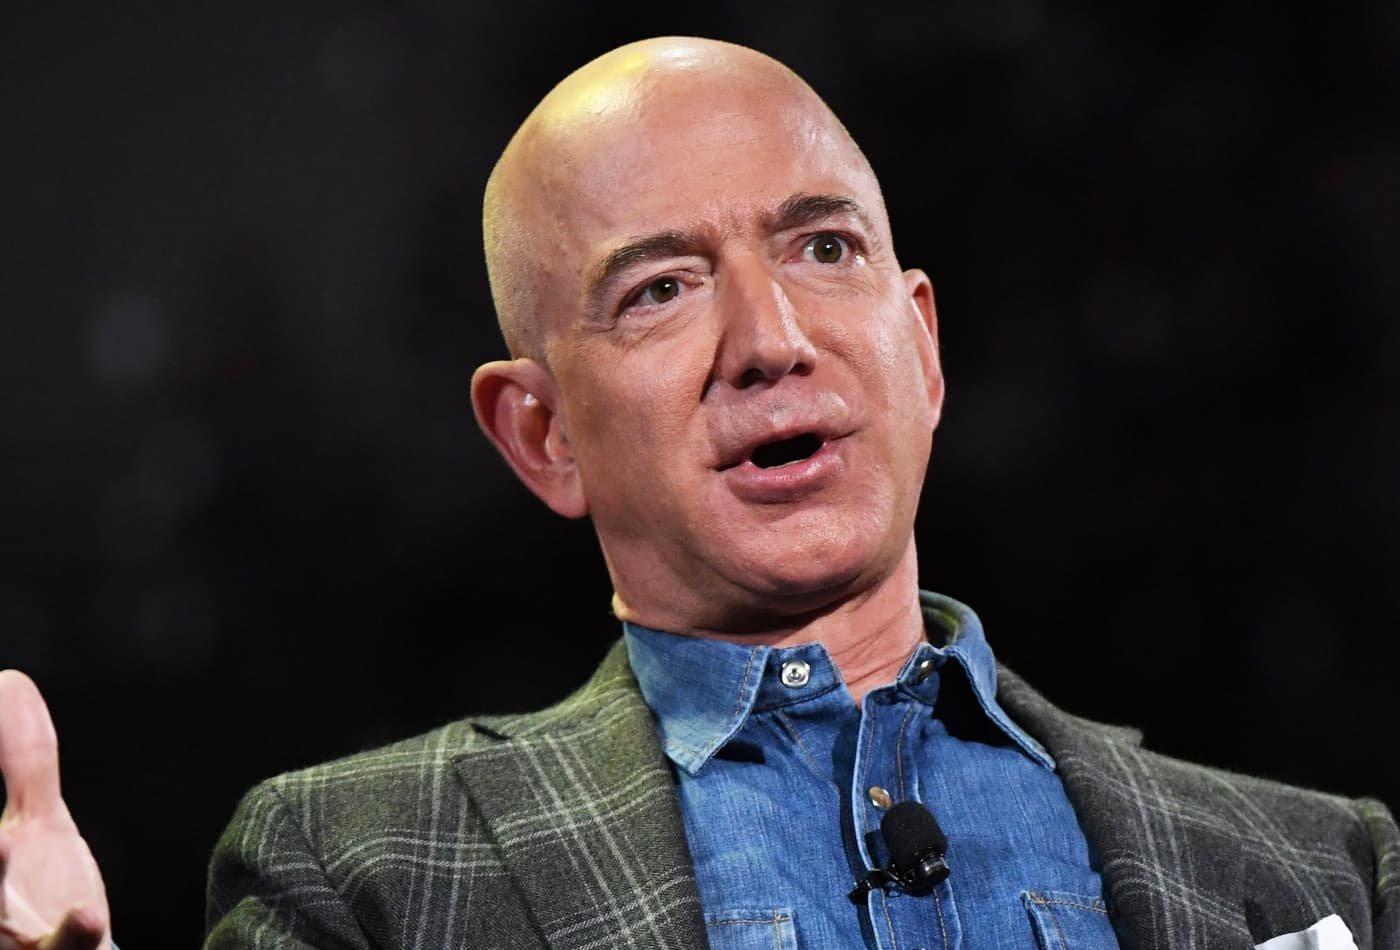 Amazon sets a new tone as Jeff Bezos era comes to an end